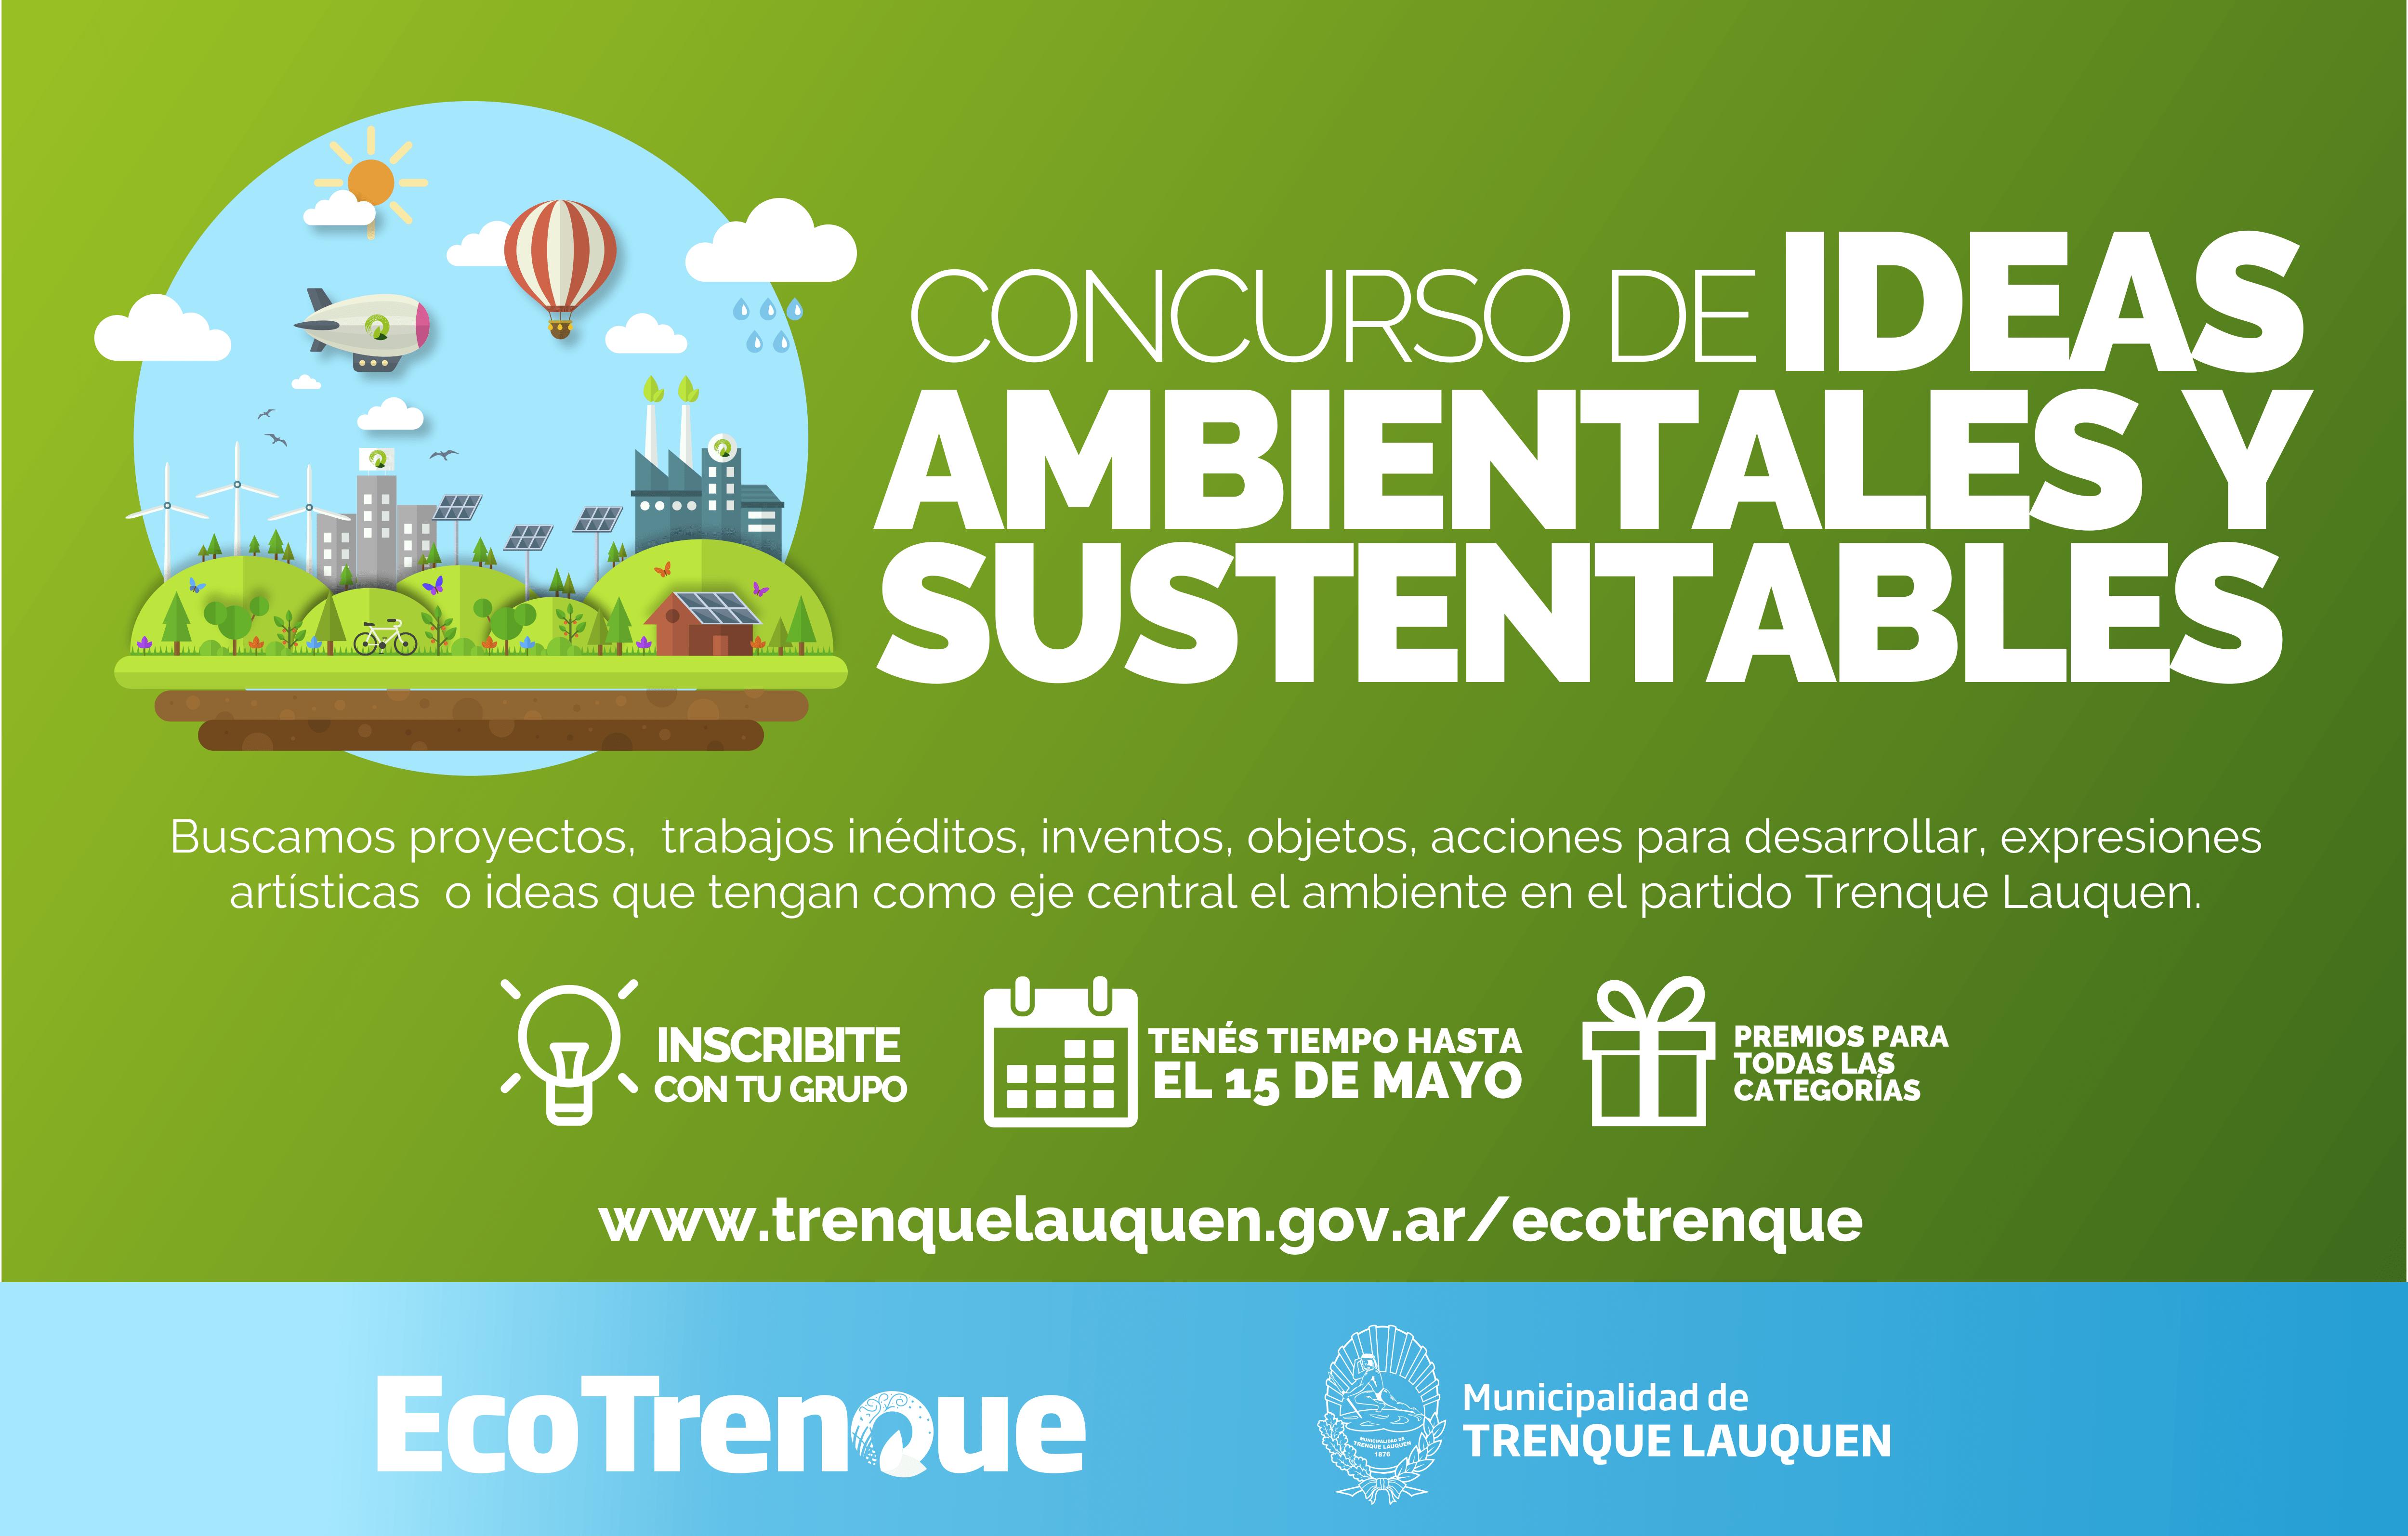 Se lanza mañana el Concurso de Ideas Ambientales